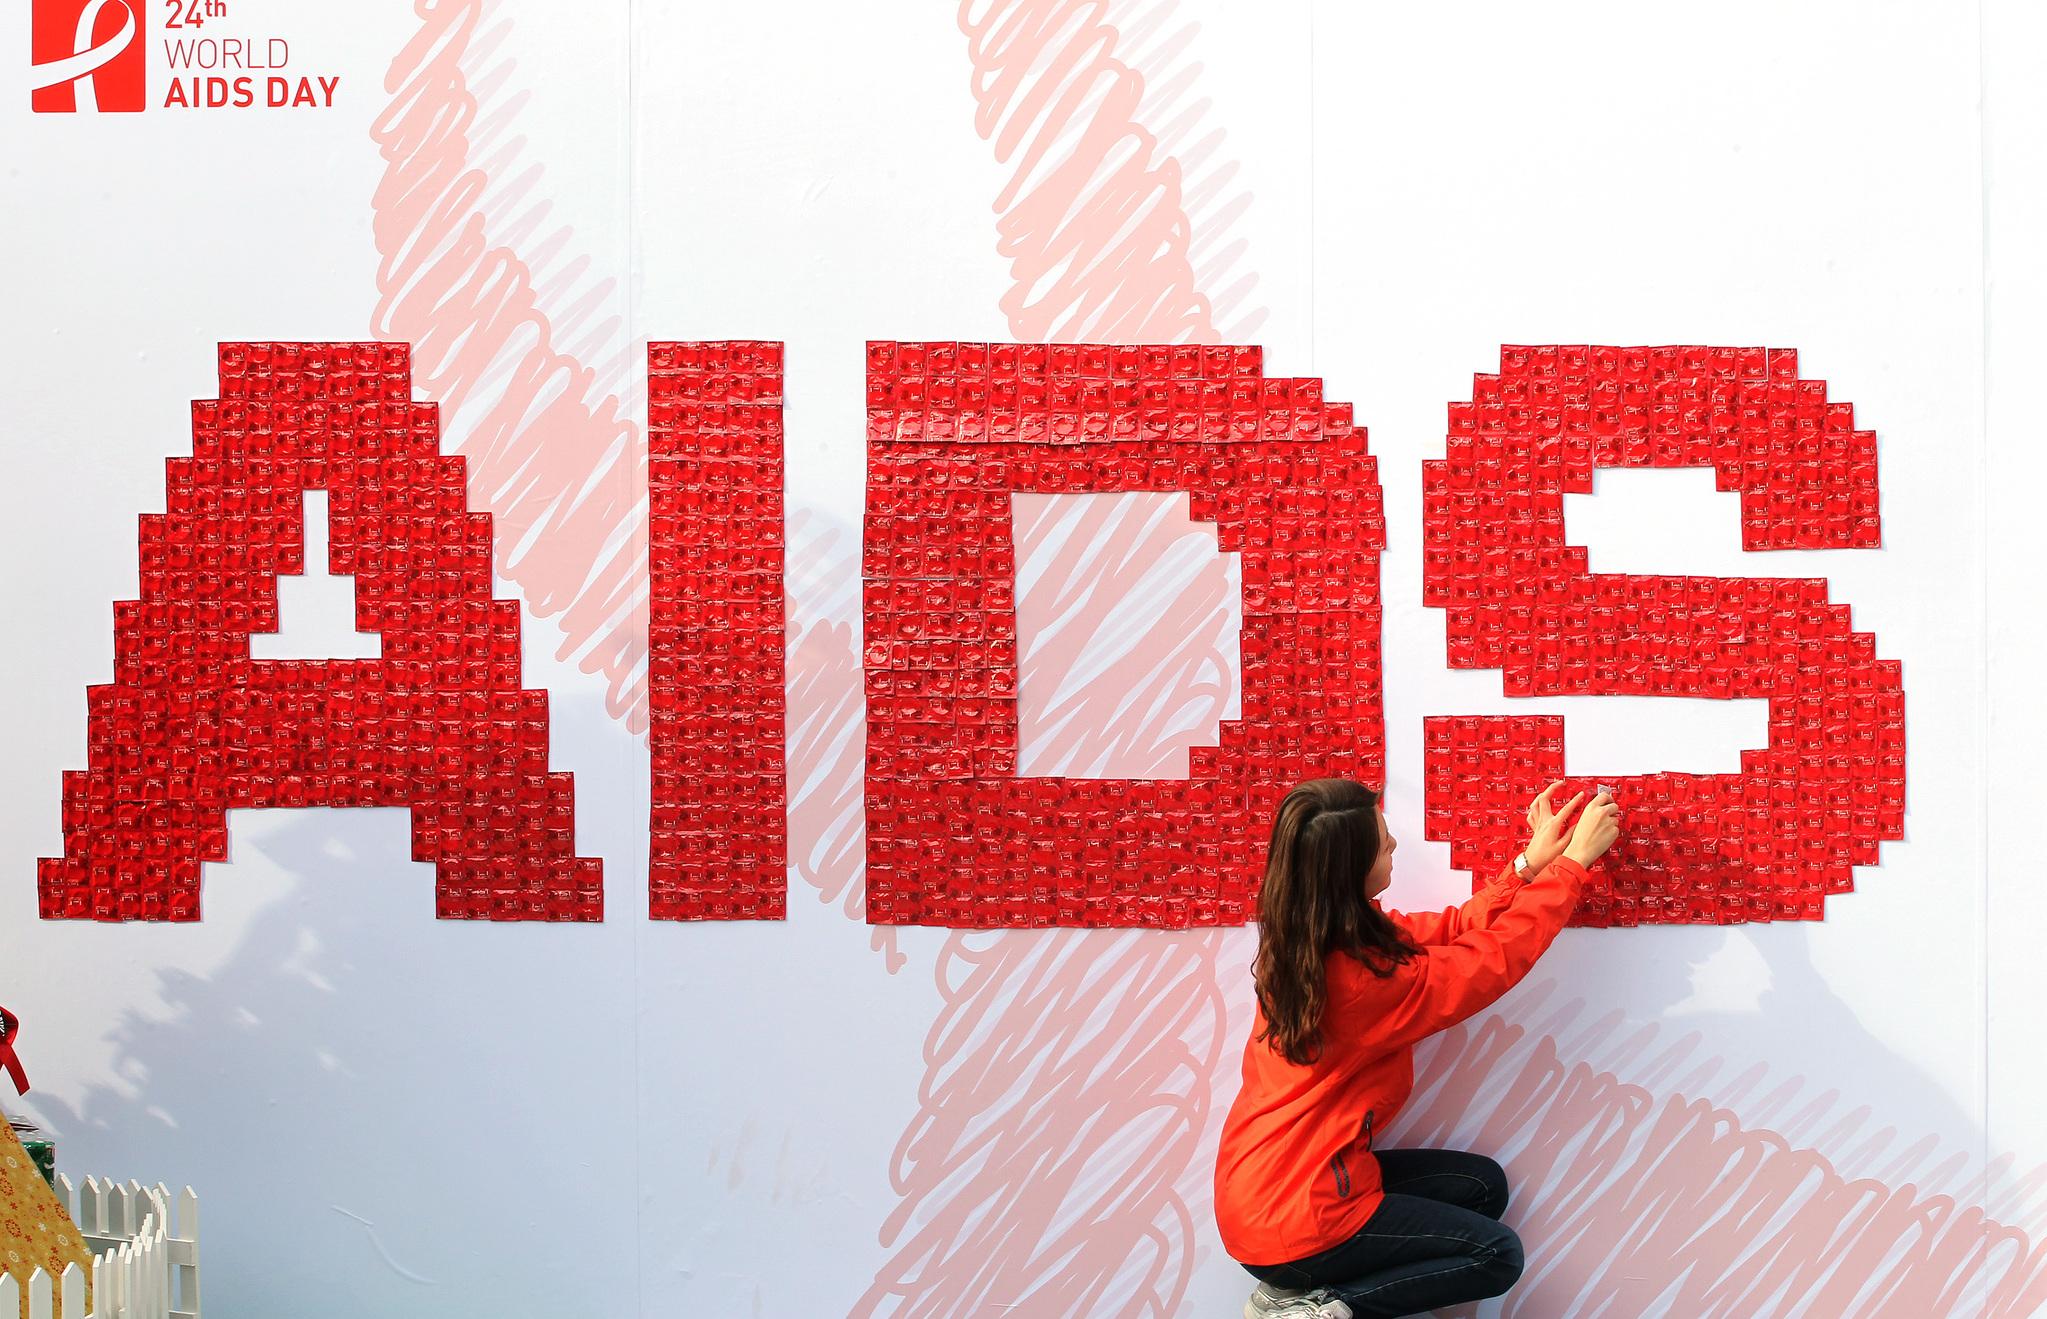 한국에이즈퇴치연맹 관계자가 에이즈 예방을 위한 퍼포먼스 차원에서 붉은 콘돔으로 `AIDS' 영문 글자를 만들고 있다. [연합뉴스]